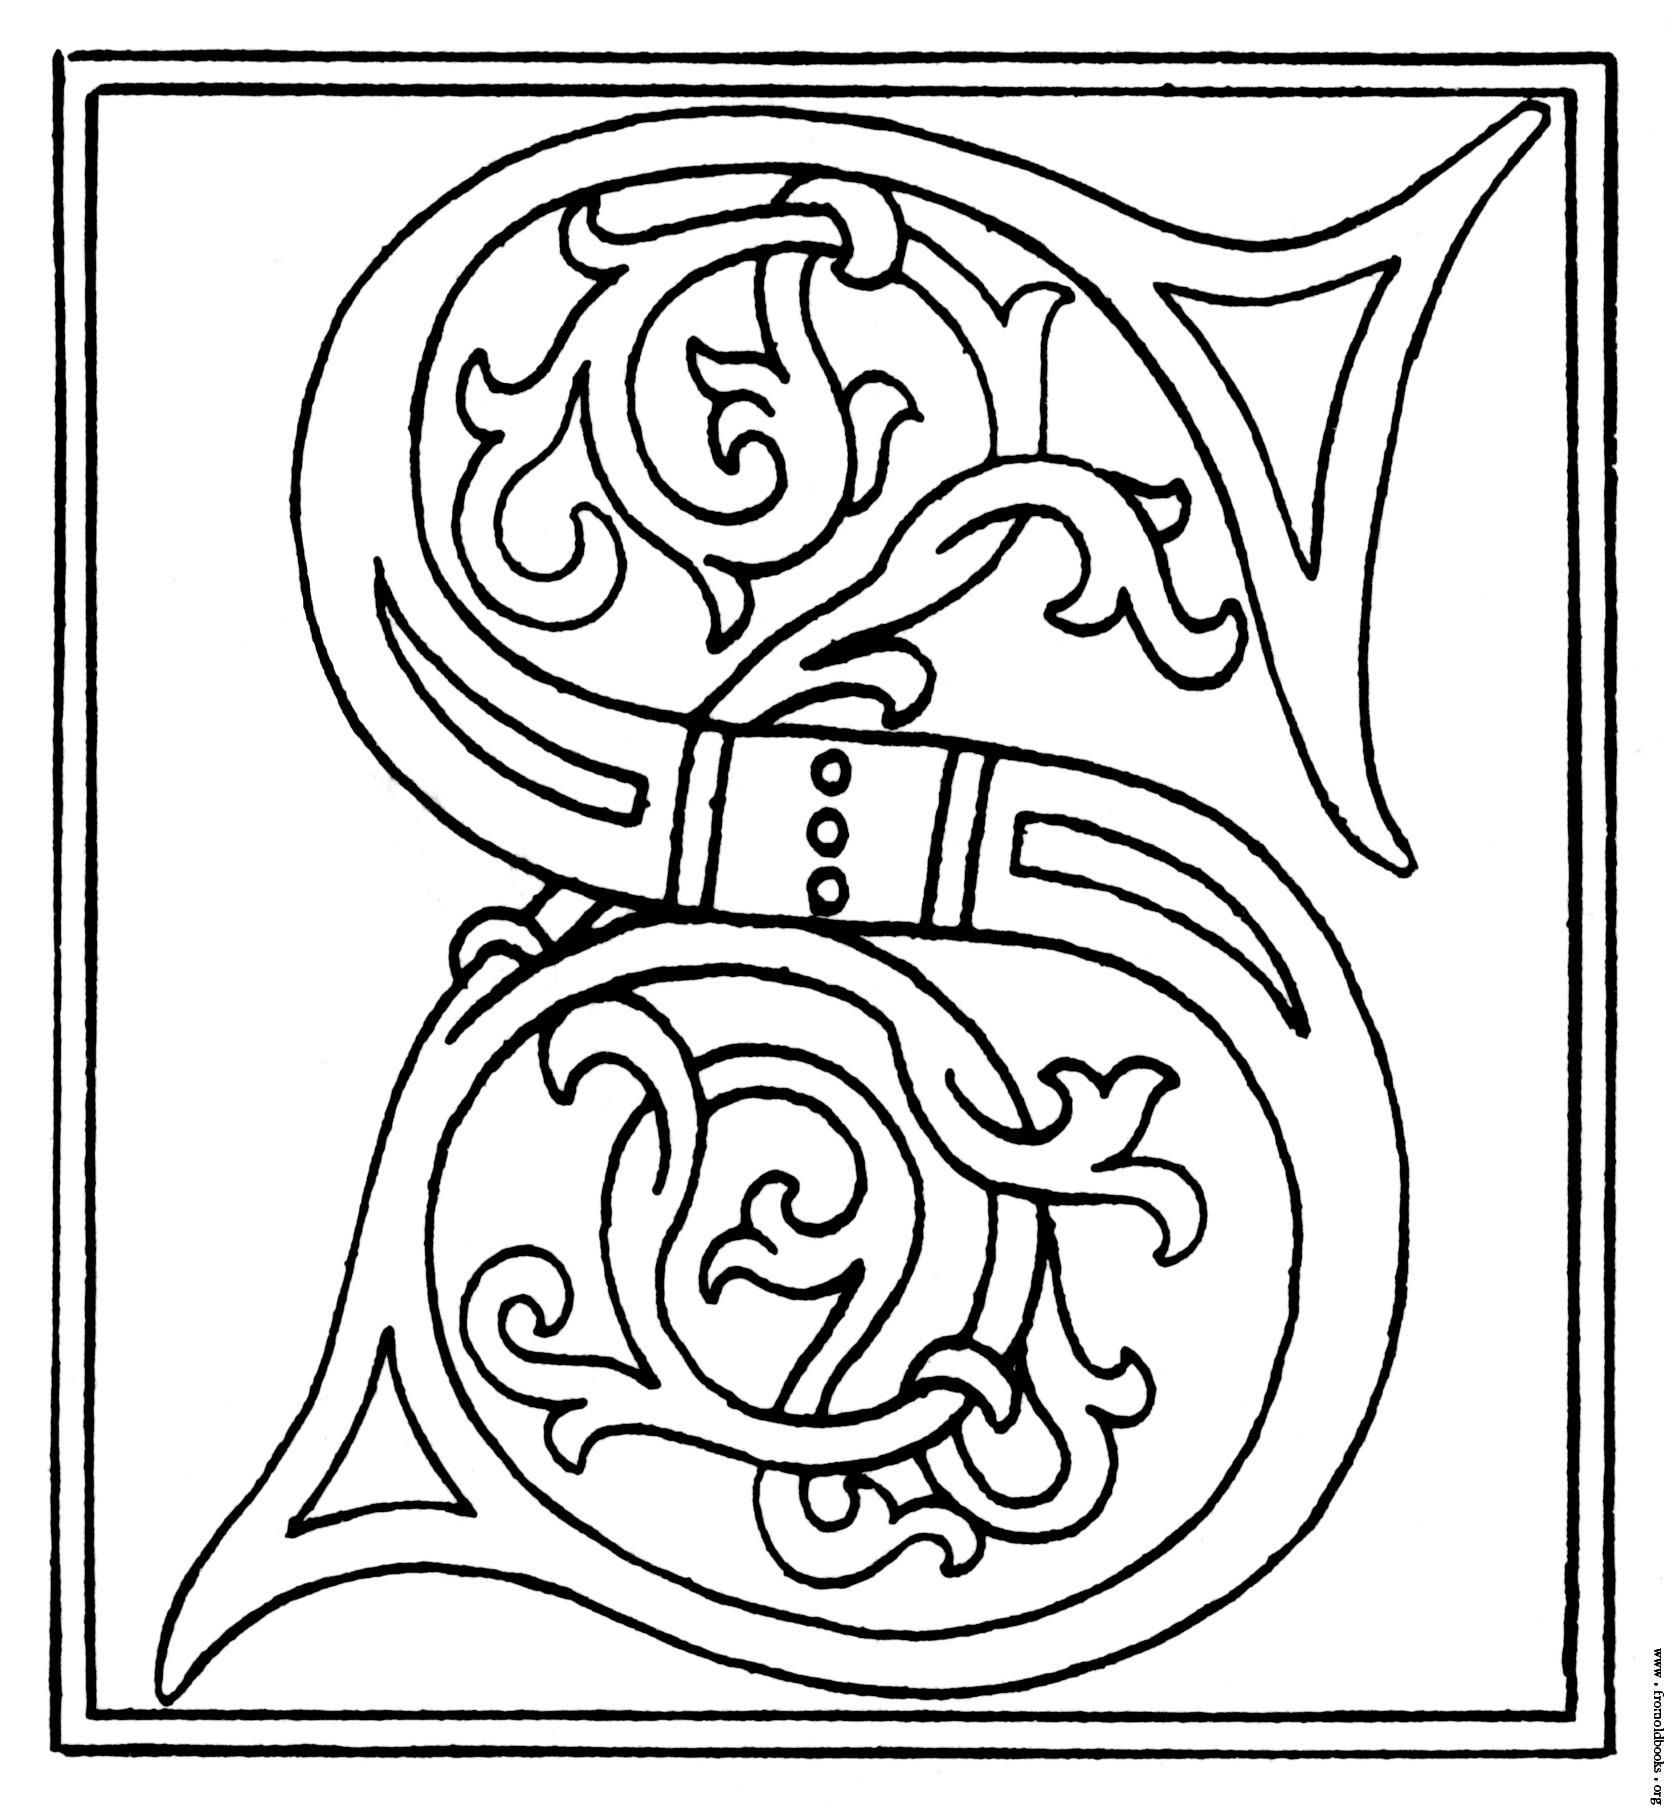 1669x1808 Decorative Alphabet Coloring Pages Images About Letter